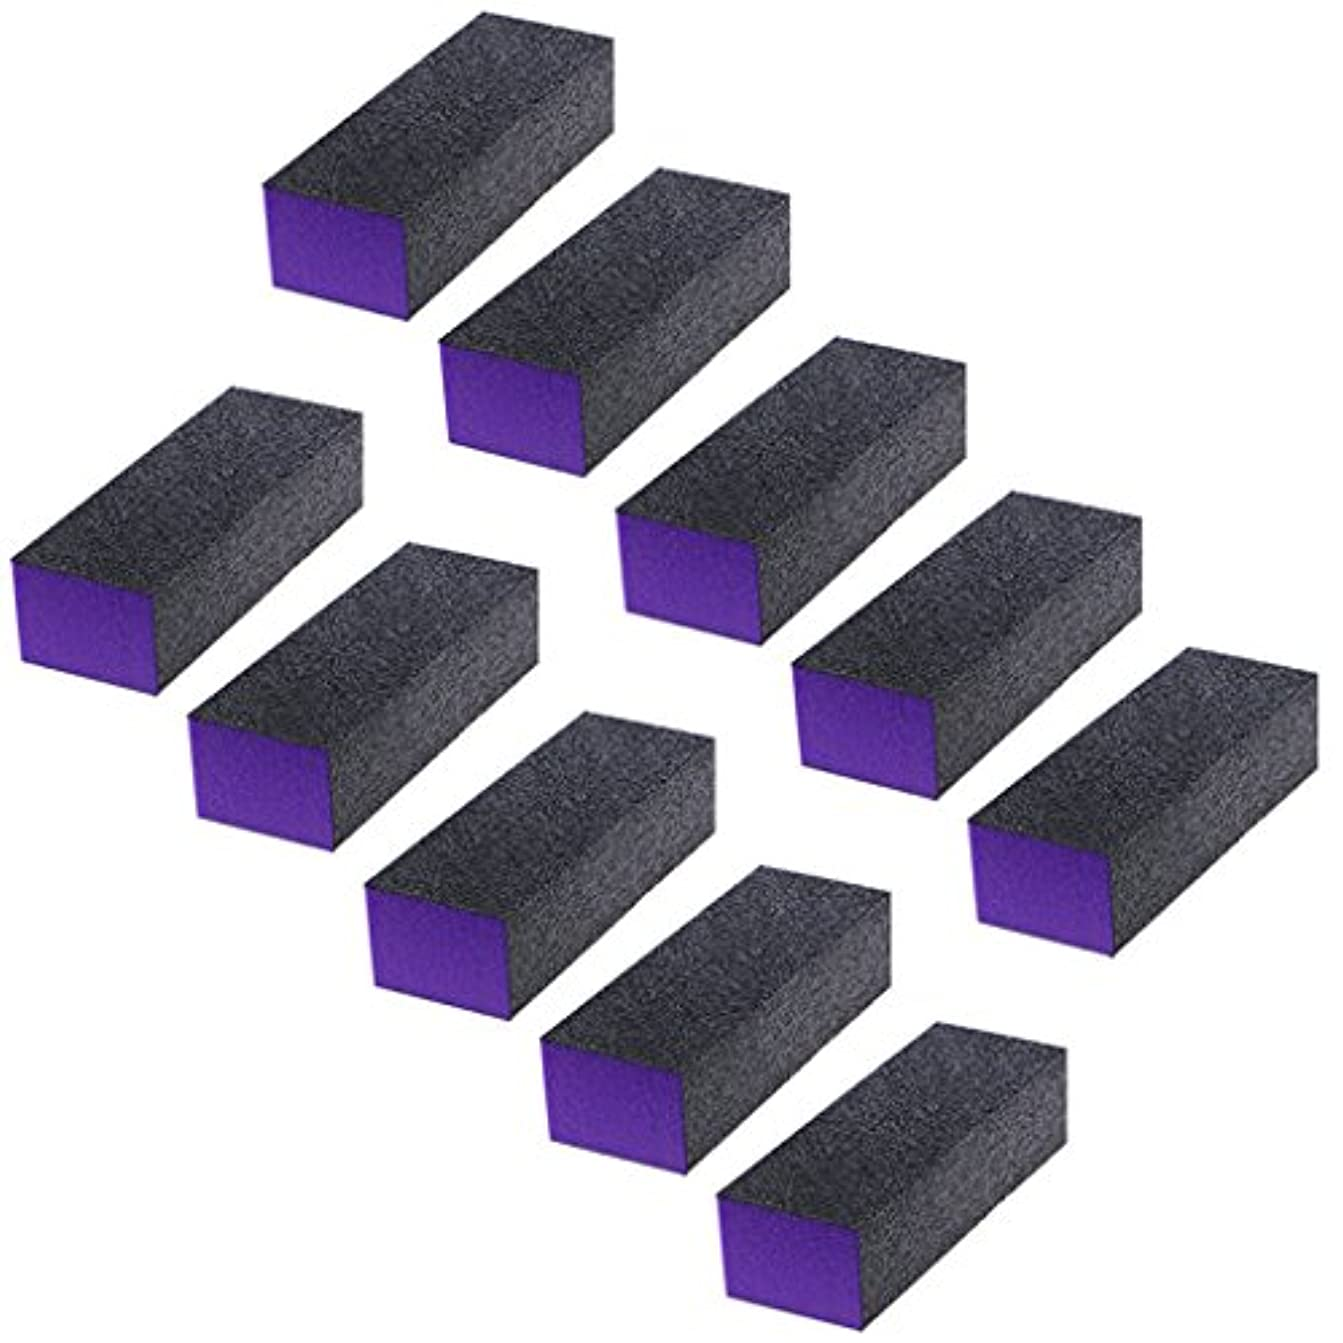 郵便物寛大なアイドルジャッキー黒紫豆腐ブロック10個ピース黒紫バッファーバフ研磨サンディングブロックファイルグリットネイルアートツールセット